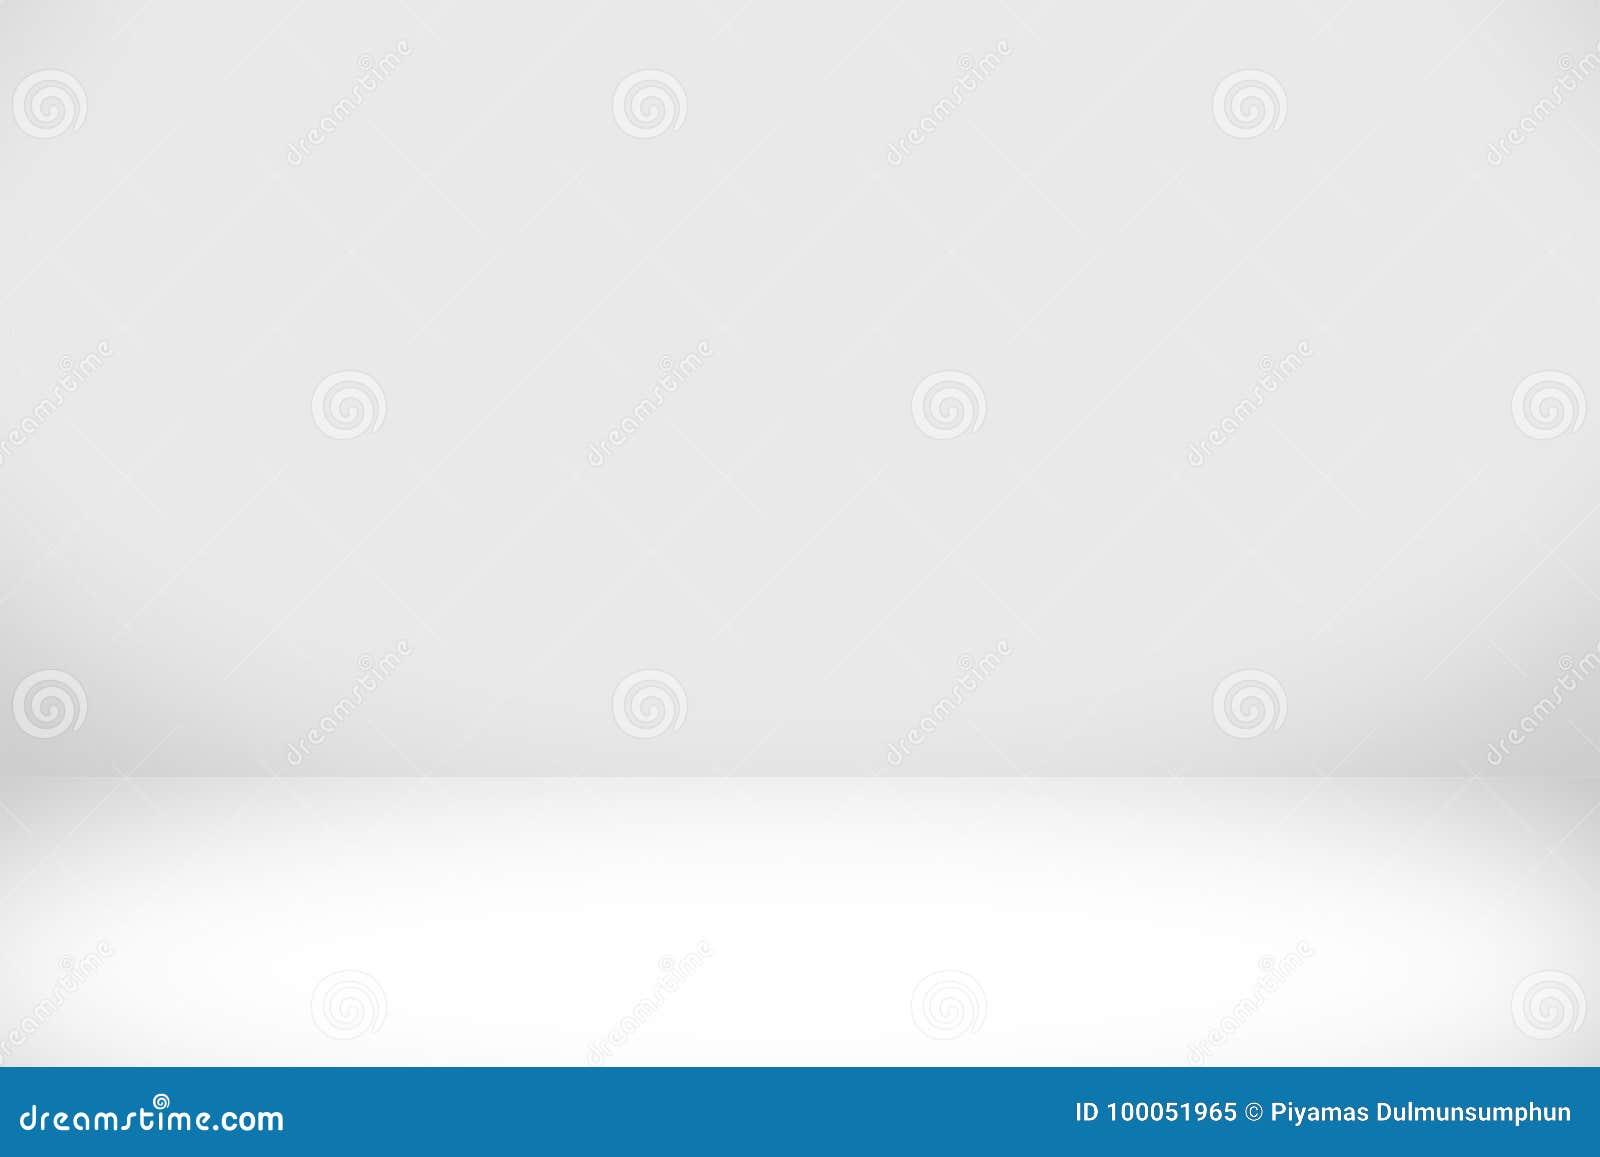 Αφηρημένο άσπρο υπόβαθρο με την άσπρη ελαφριά και γκρίζα σκιά